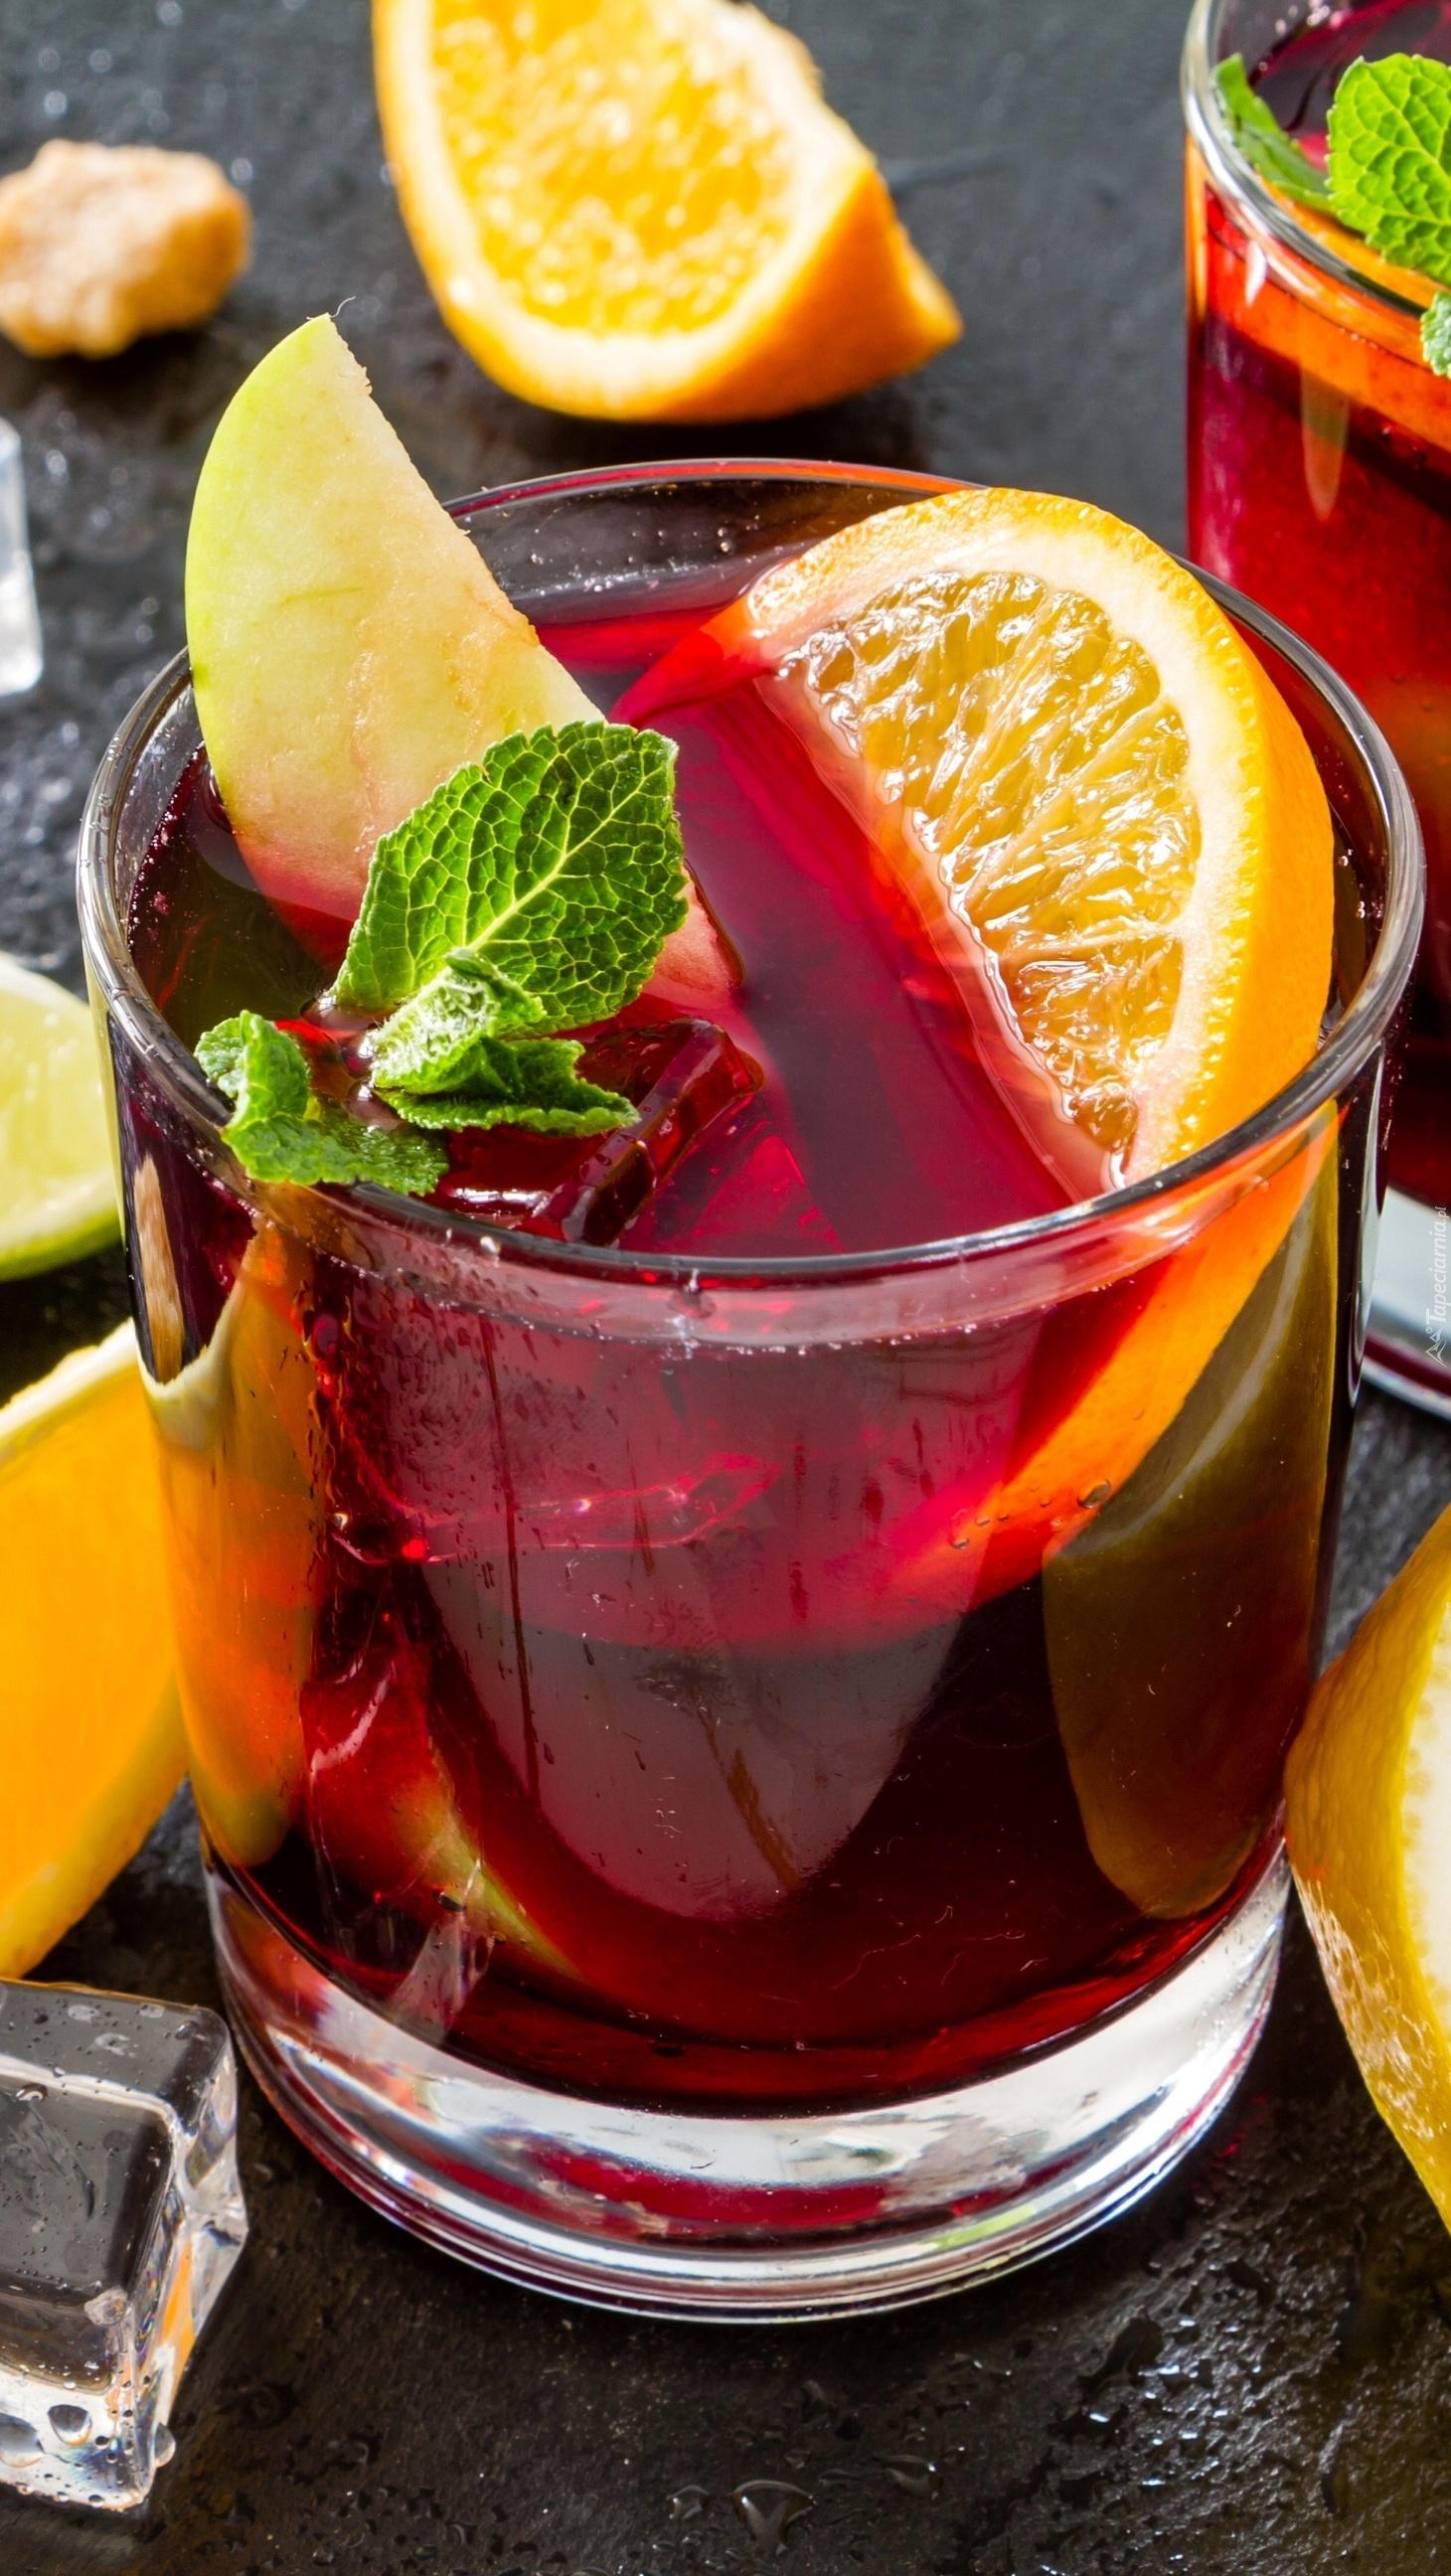 Drink z cytryną  w szklance